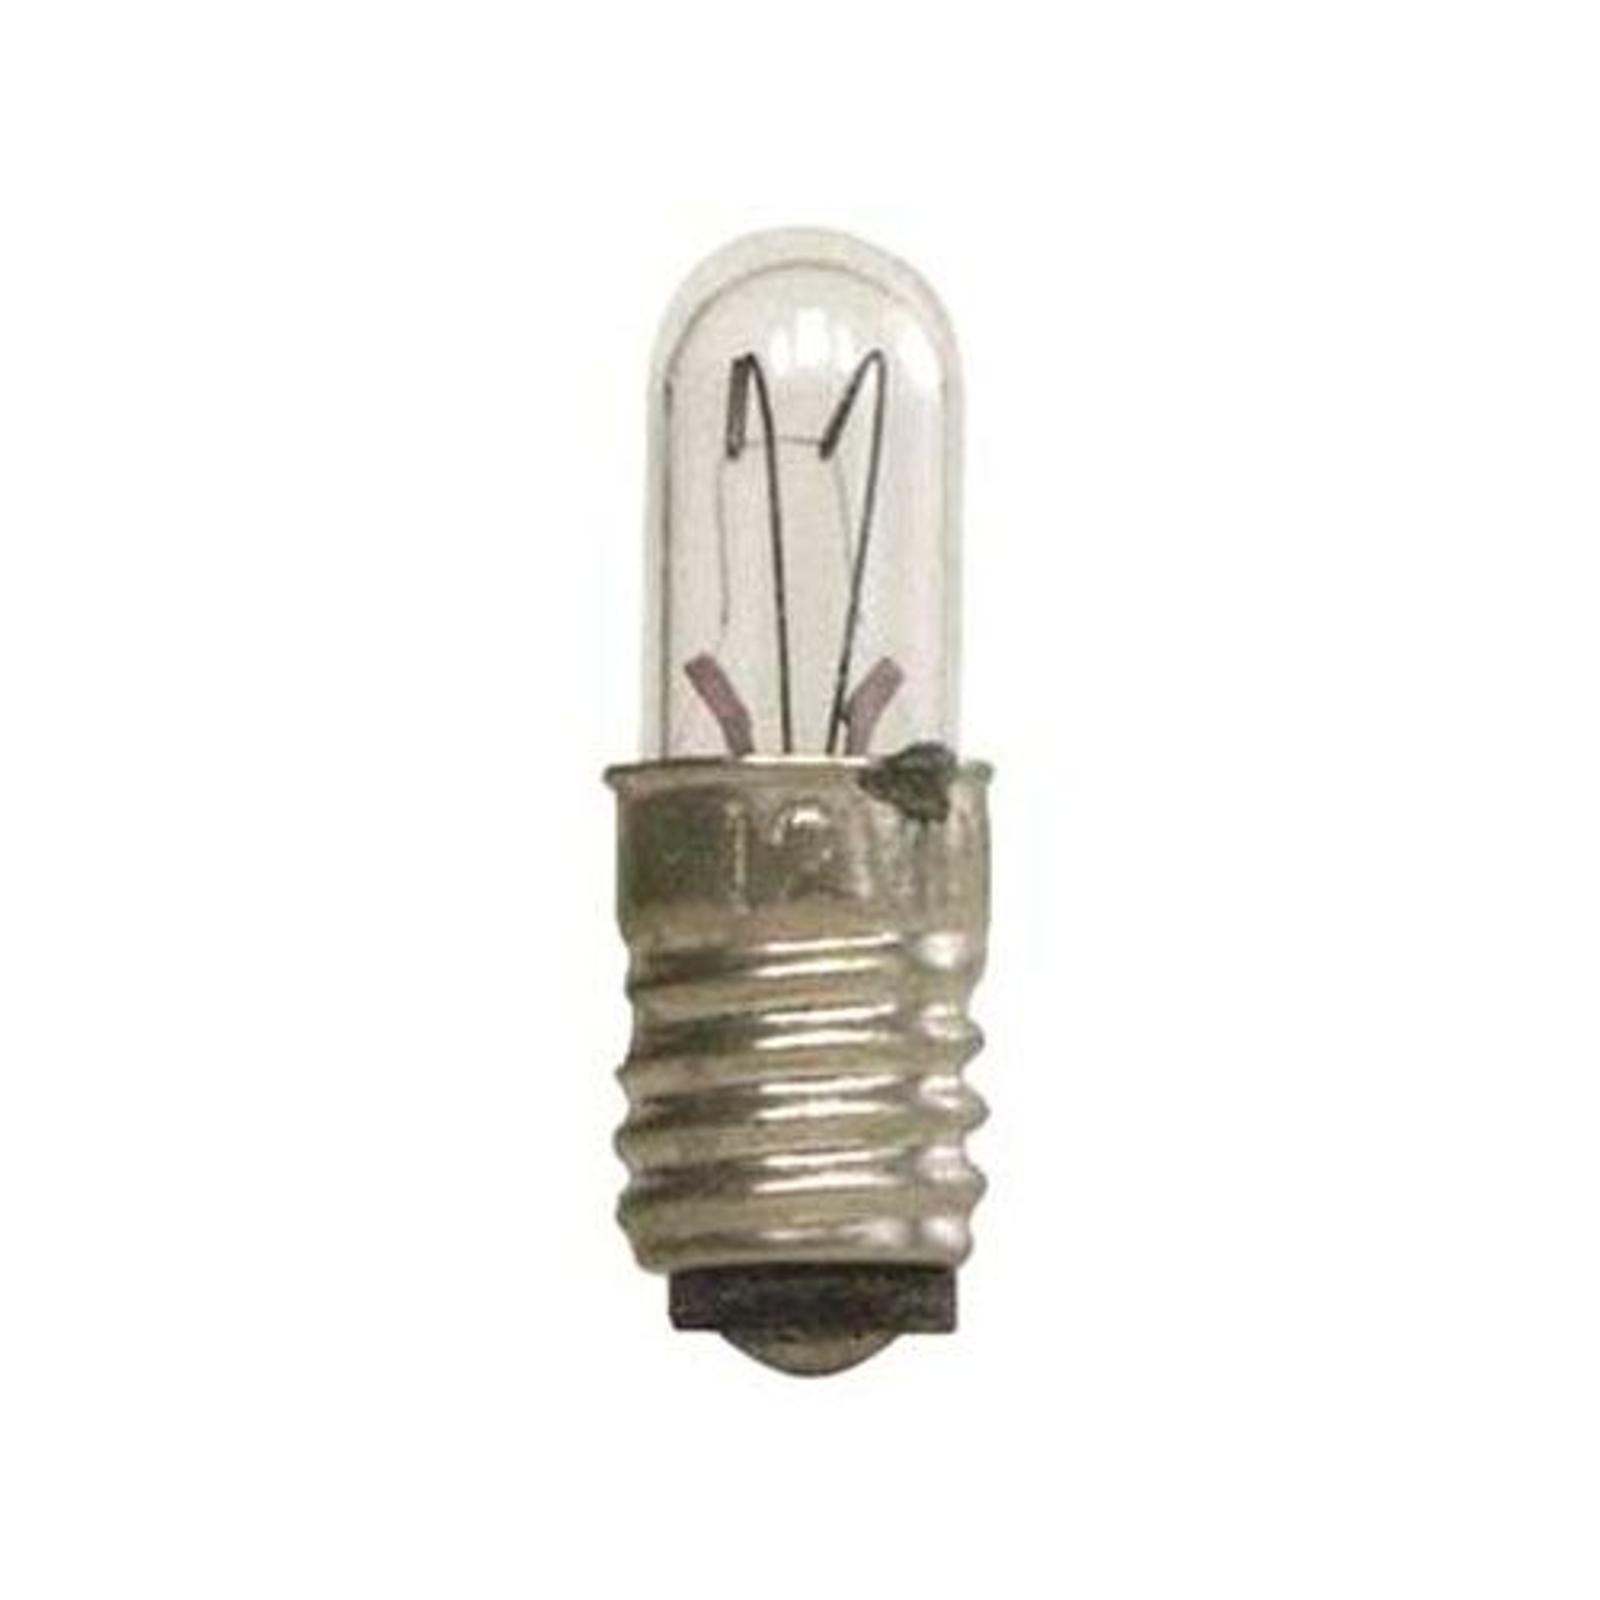 E5 0,8W 12V Ersatzlampen 5er Pack klar